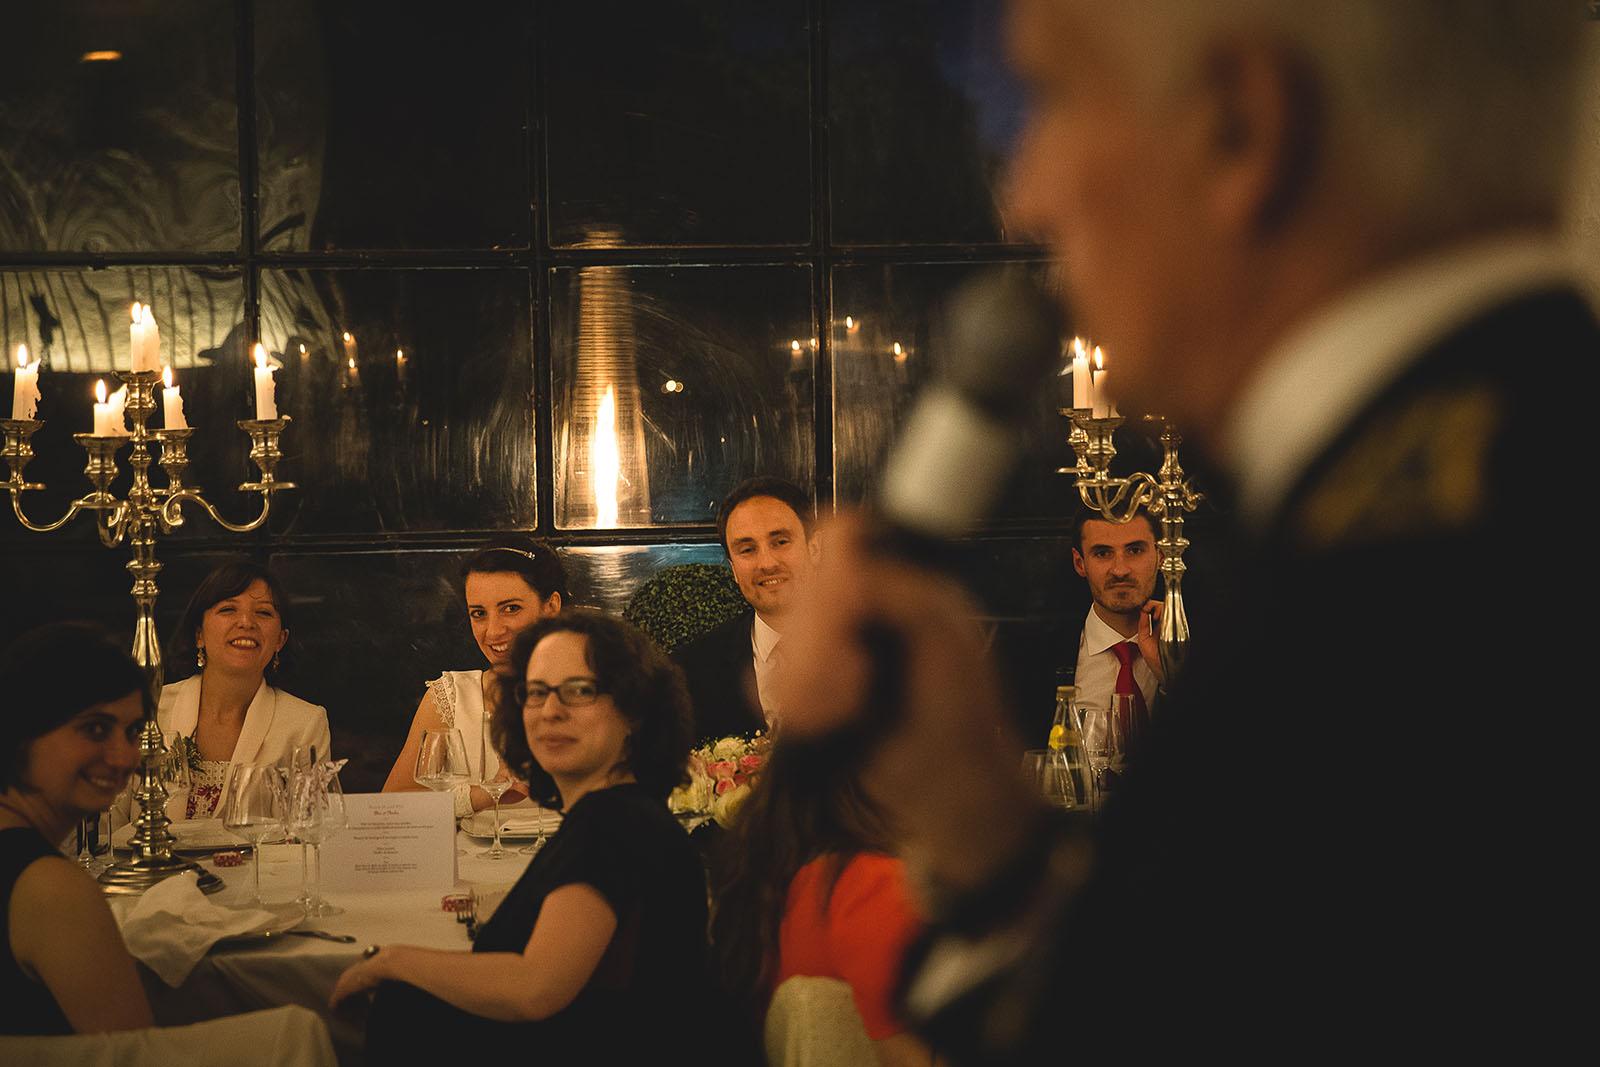 Mariage Château de Beauvoir. Le père du marié fait un discours devant la table des mariés. David Pommier photographe de mariage